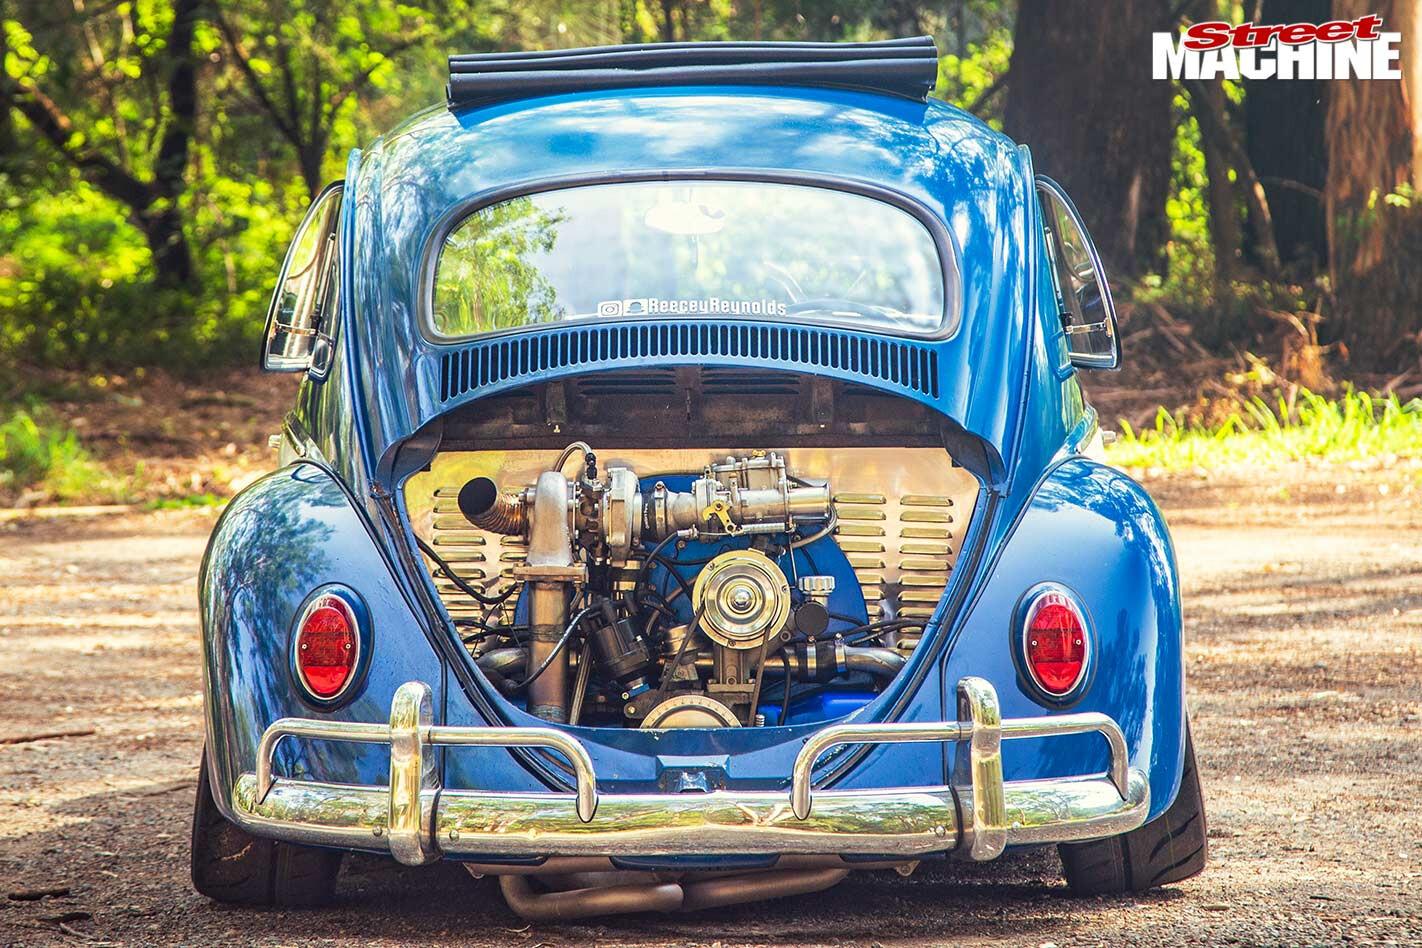 VW Beetle rear